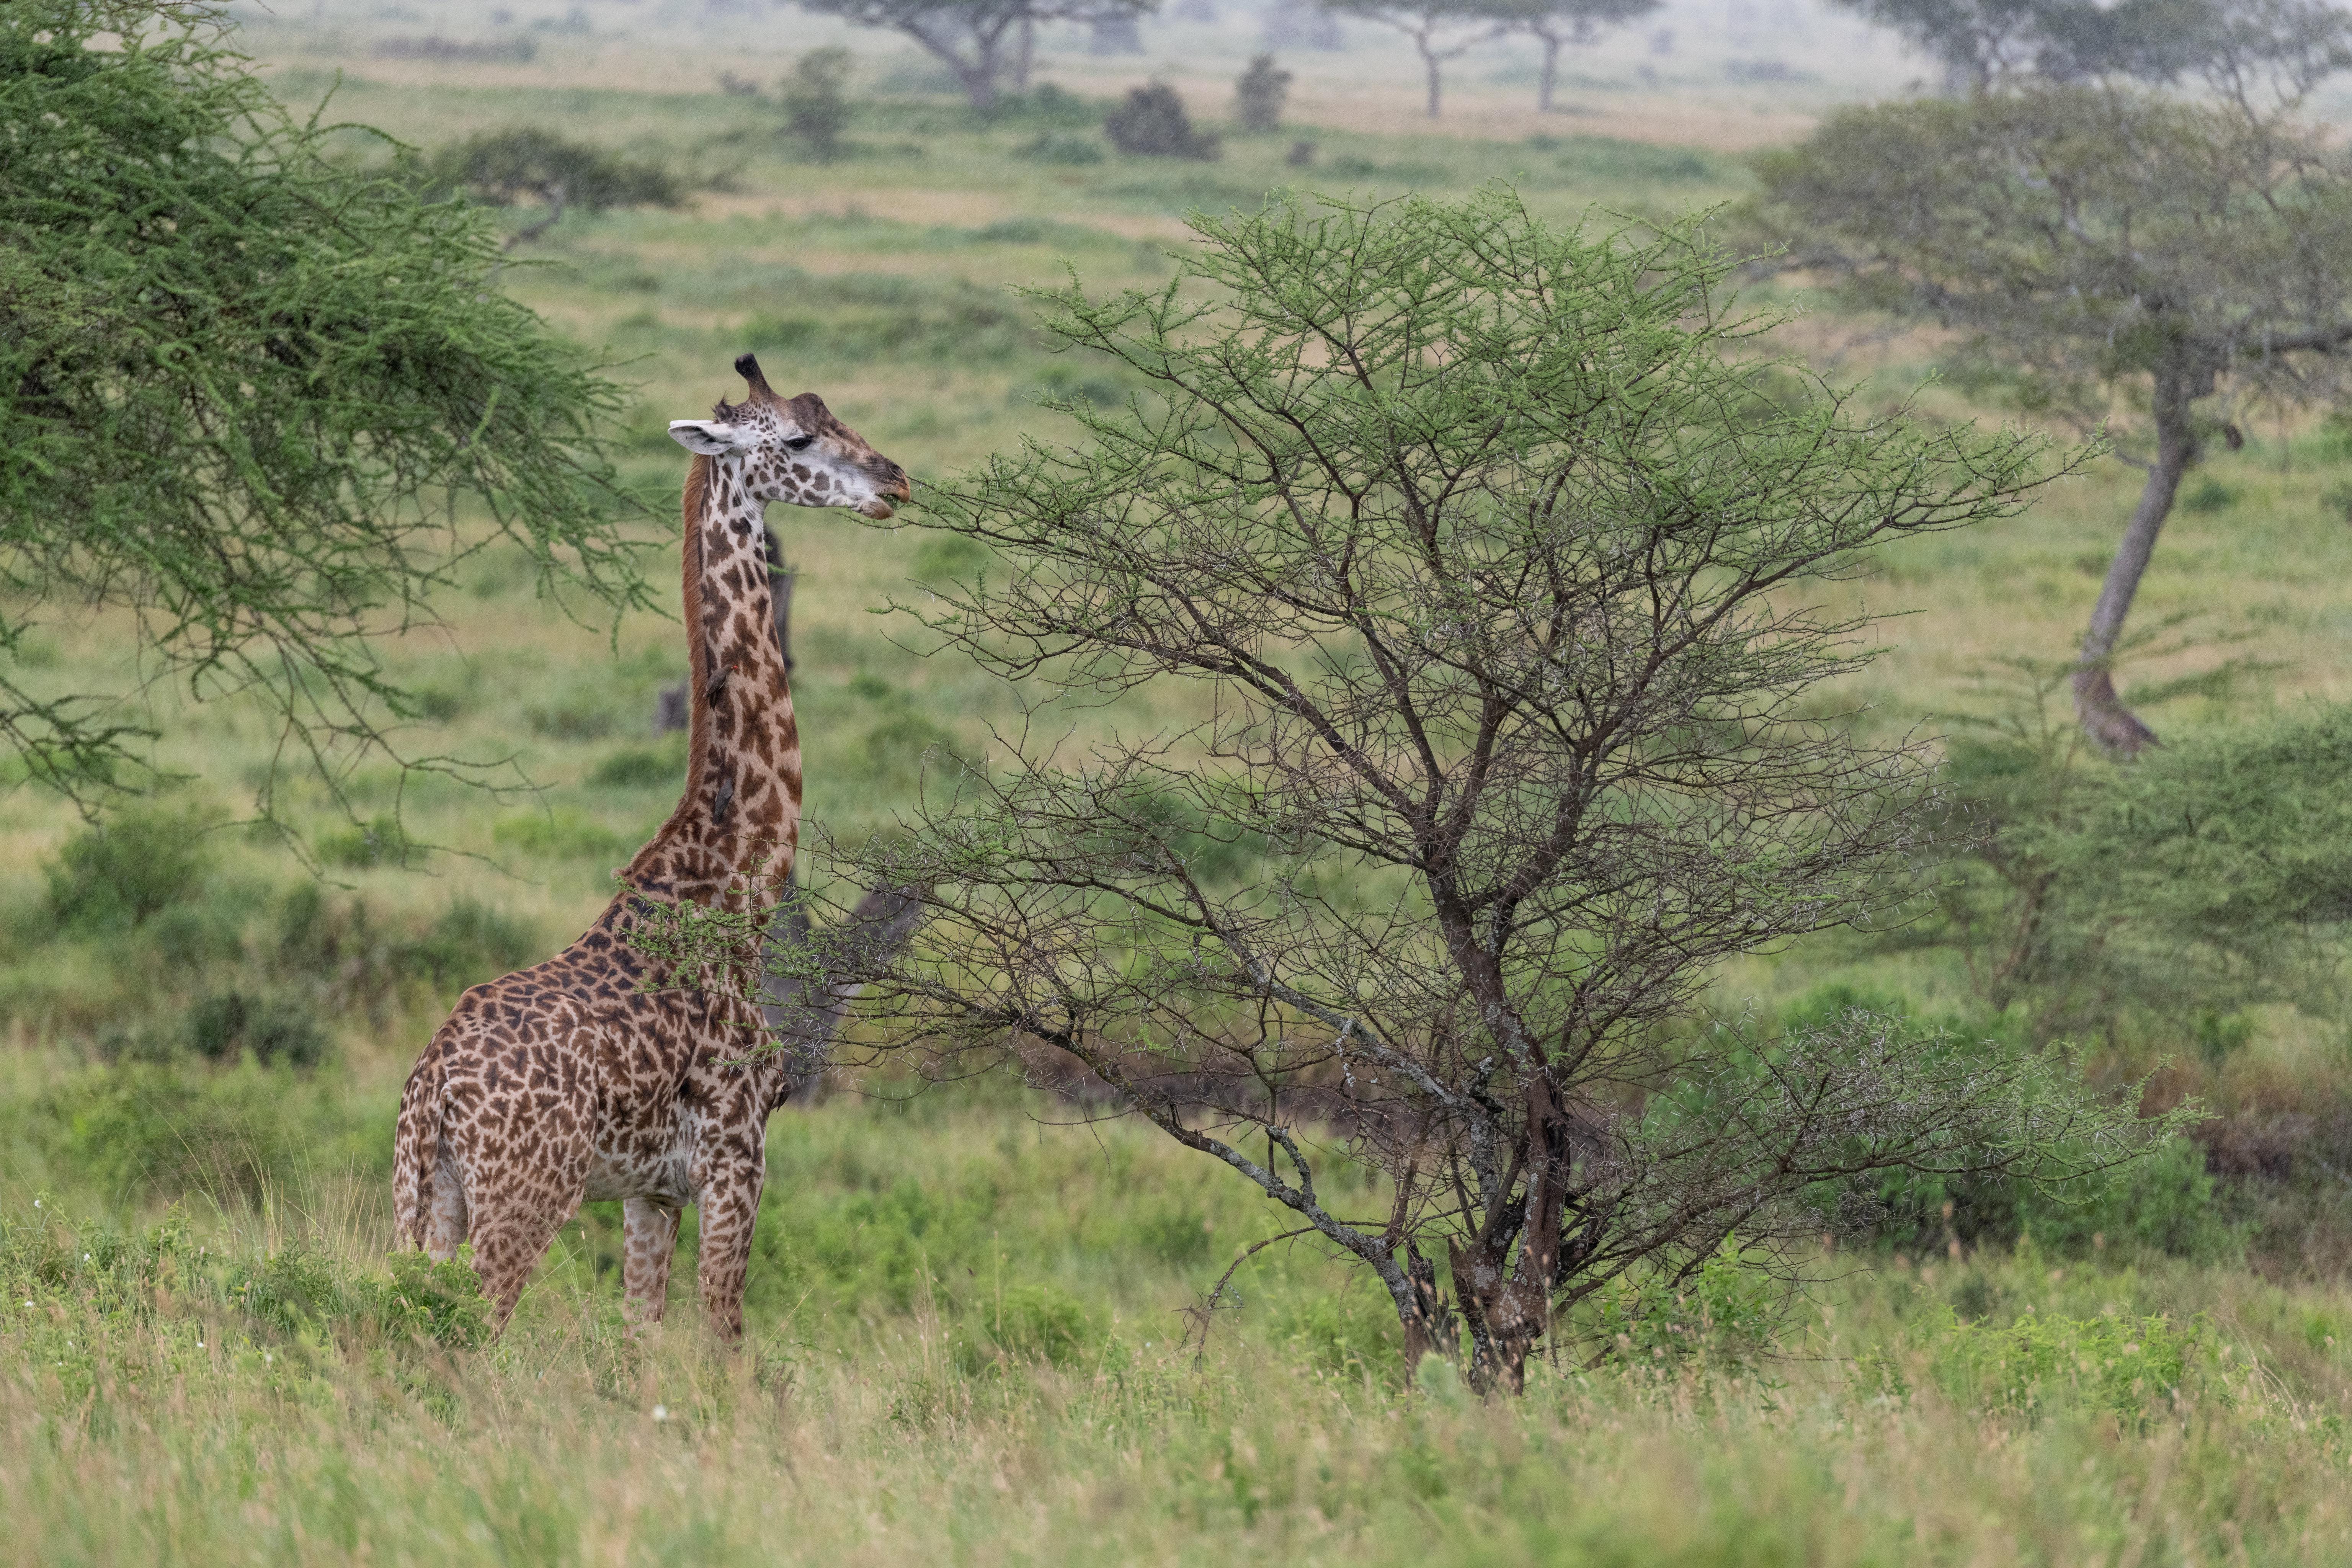 Скачать картинку Животное, Кусты, Жираф, Животные, Саванна в телефон бесплатно.